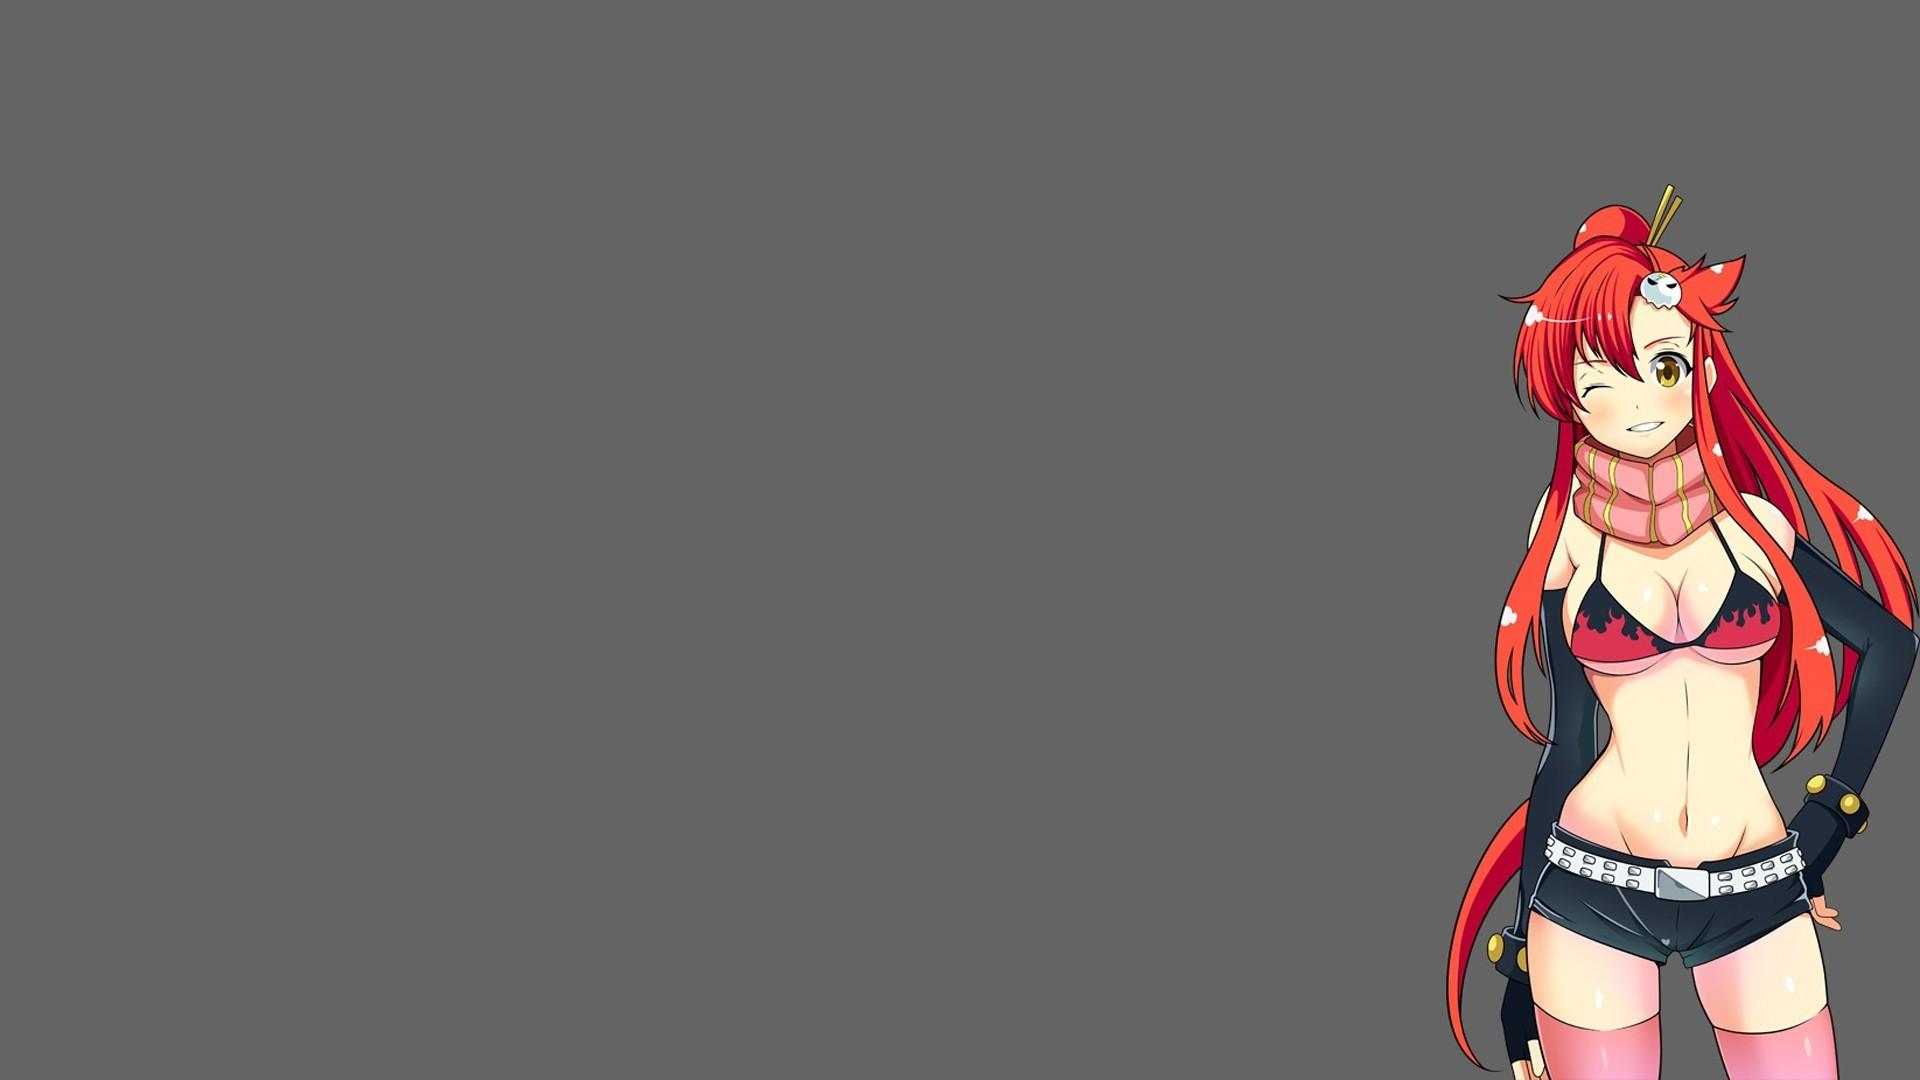 Littner Yoko Redheads Tengen Toppa Gurren Lagann Anime 42014 …